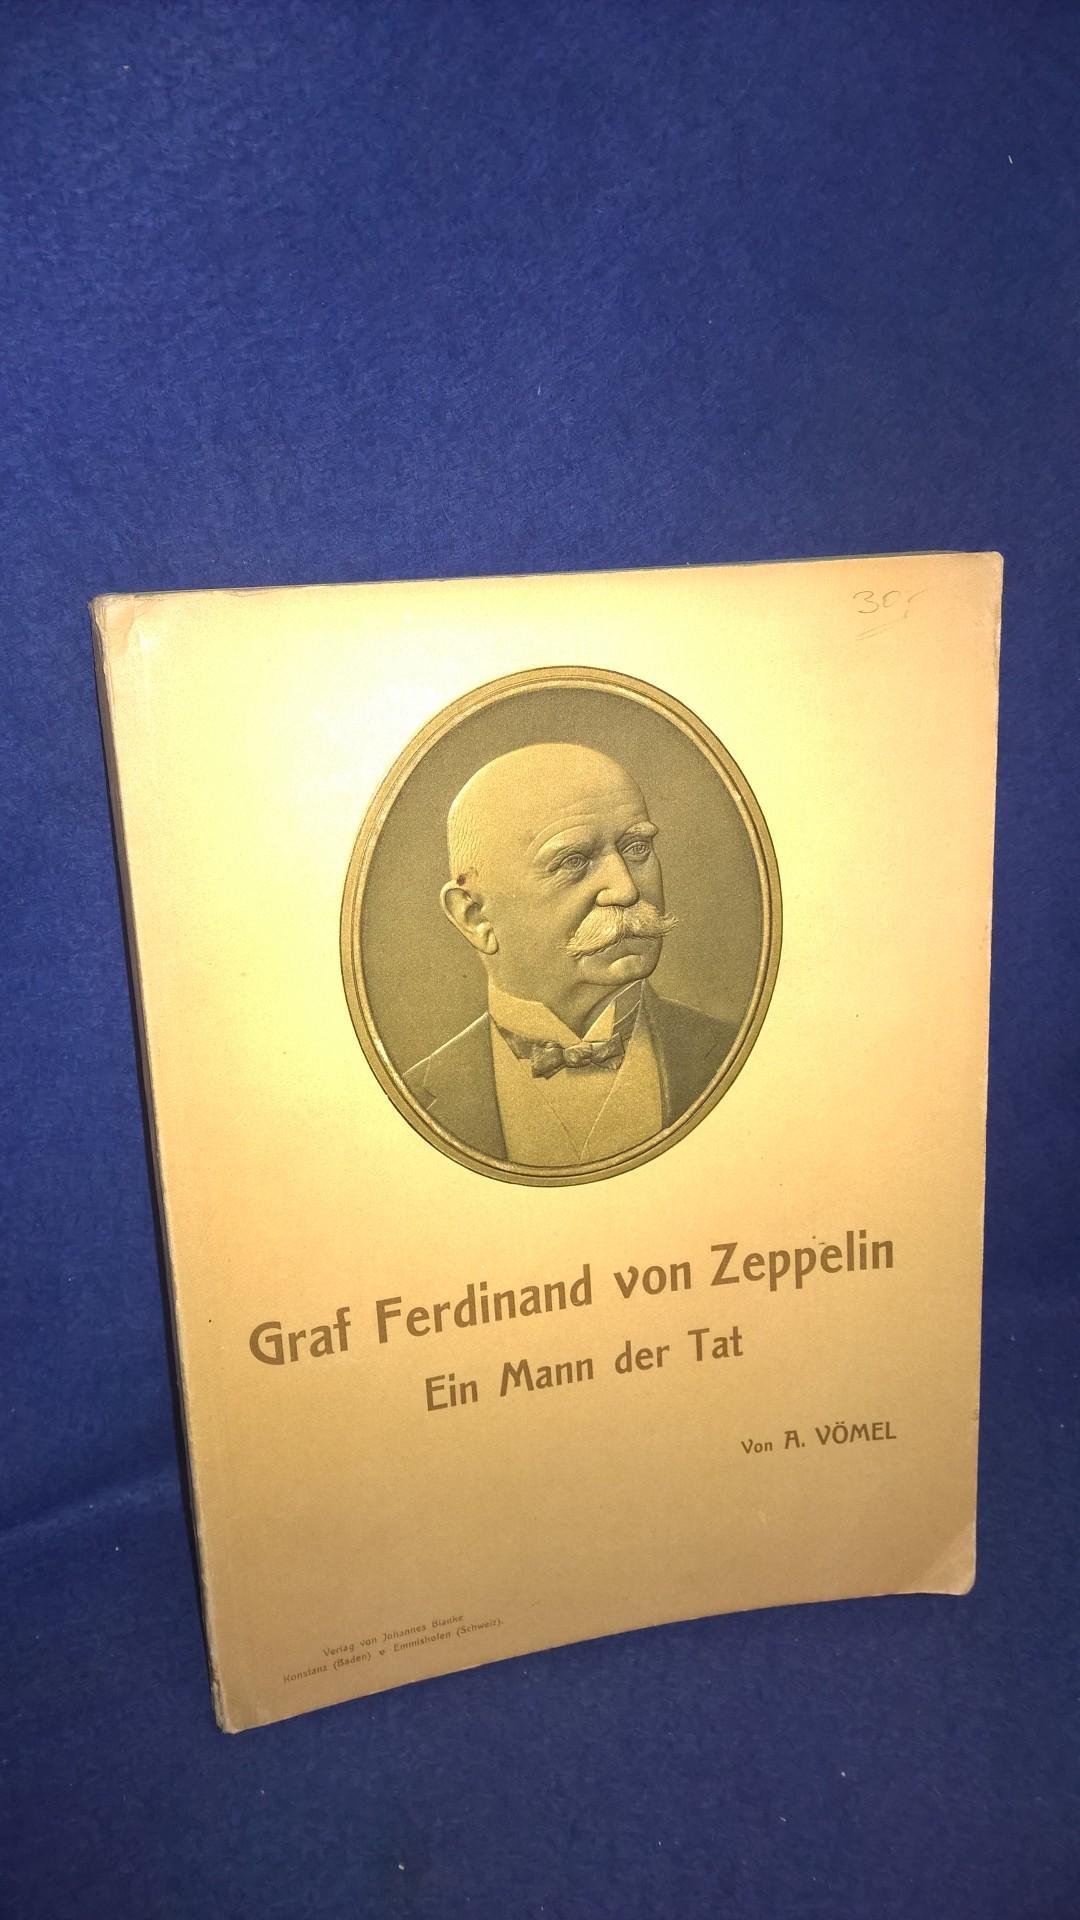 Graf Ferdinand von Zeppelin. Ein Mann derTat.